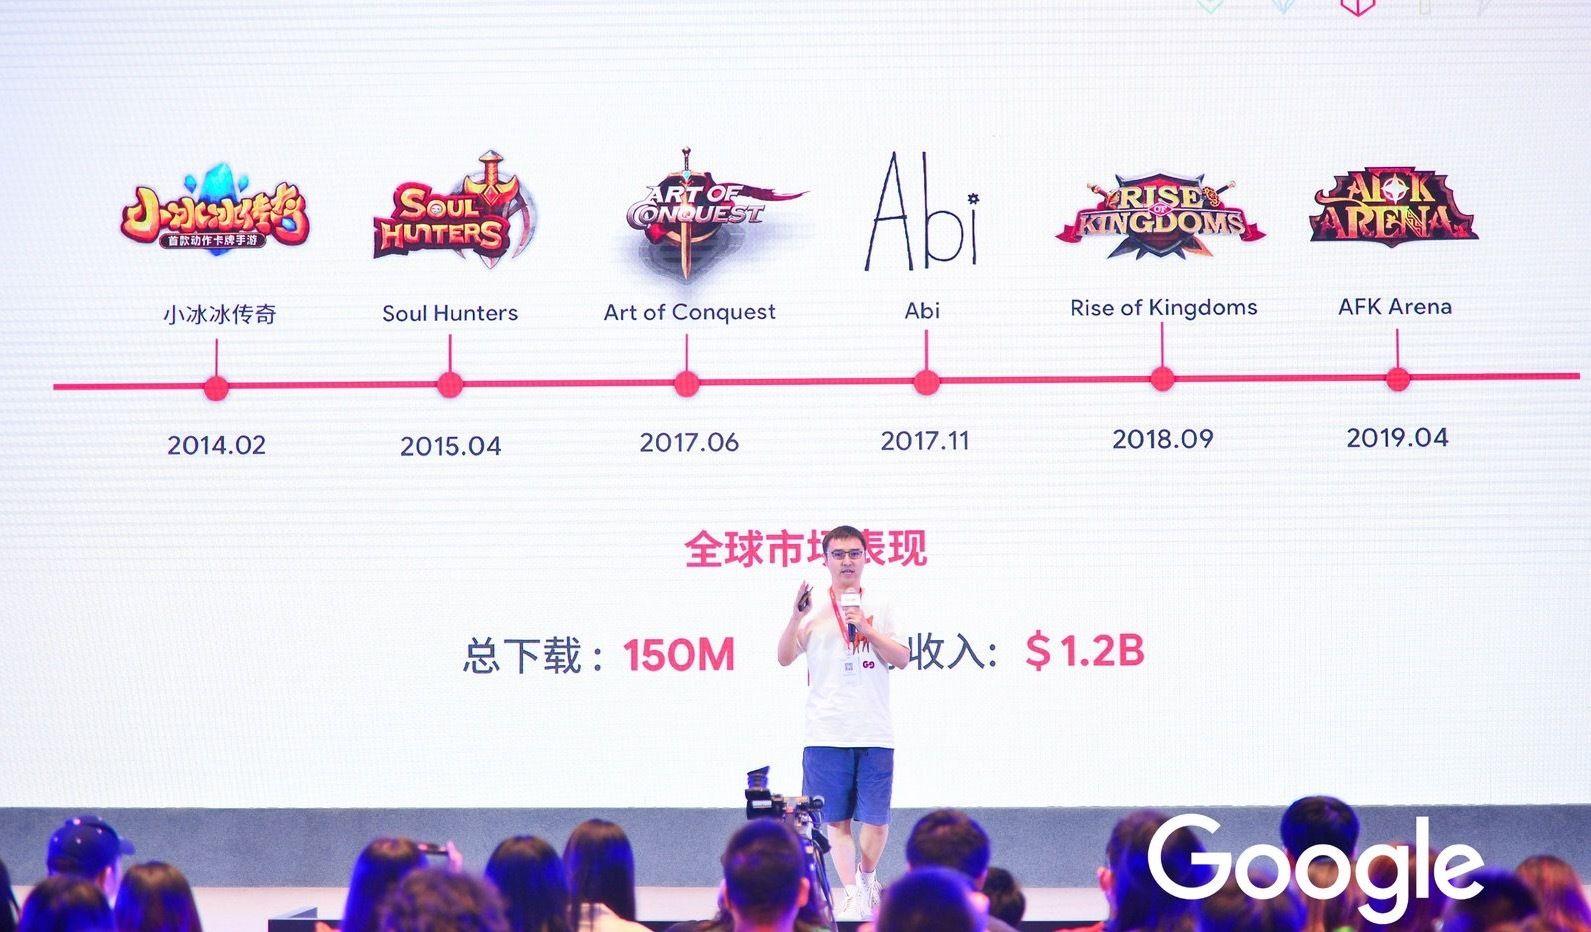 网络小说怎么赚钱要赚海外的钱,中国游戏公司应该思考哪些问题